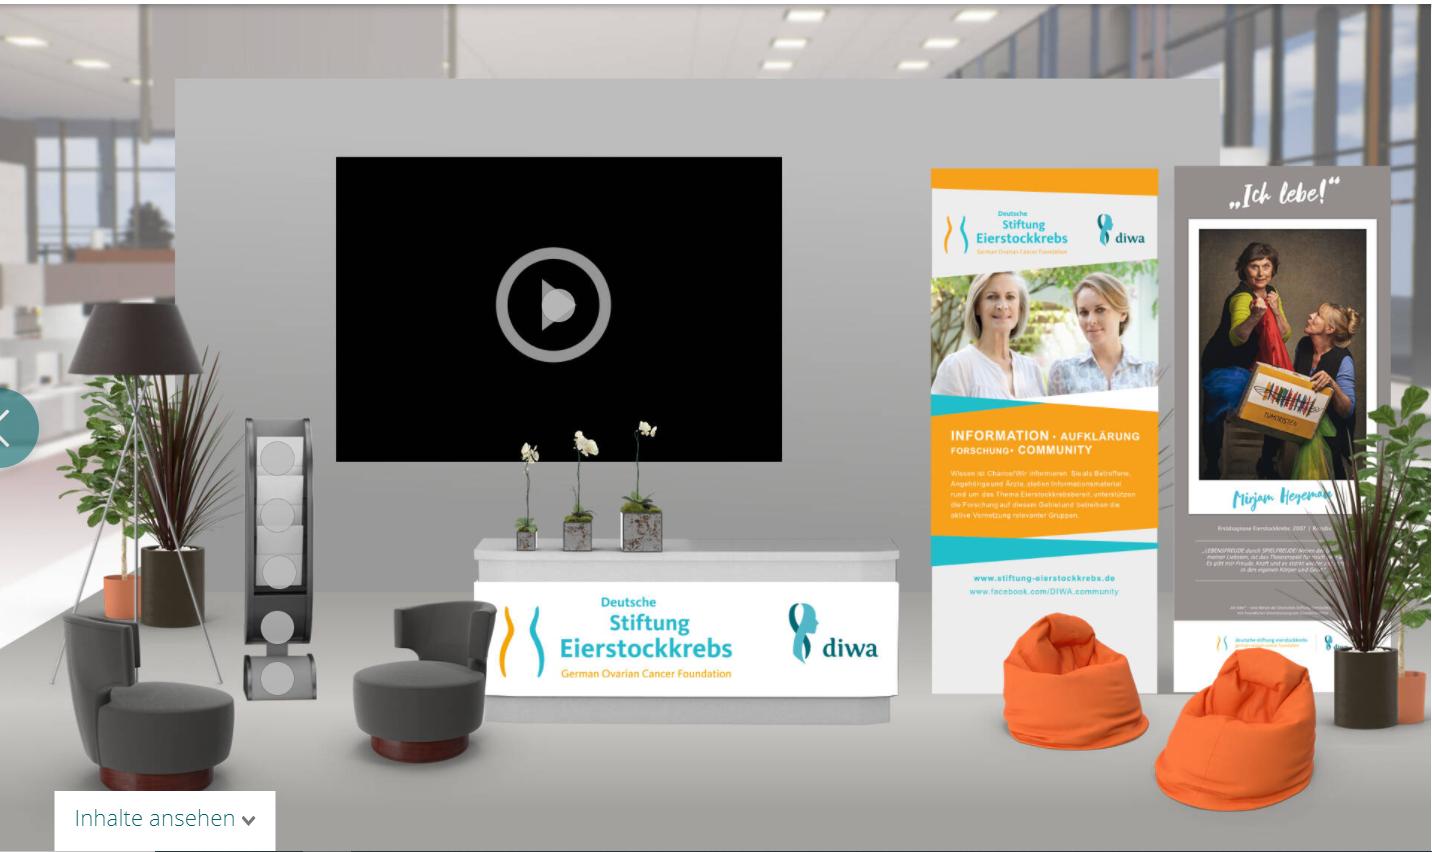 Stand virtuell Deutsche Stiftung Eierstockkrebs